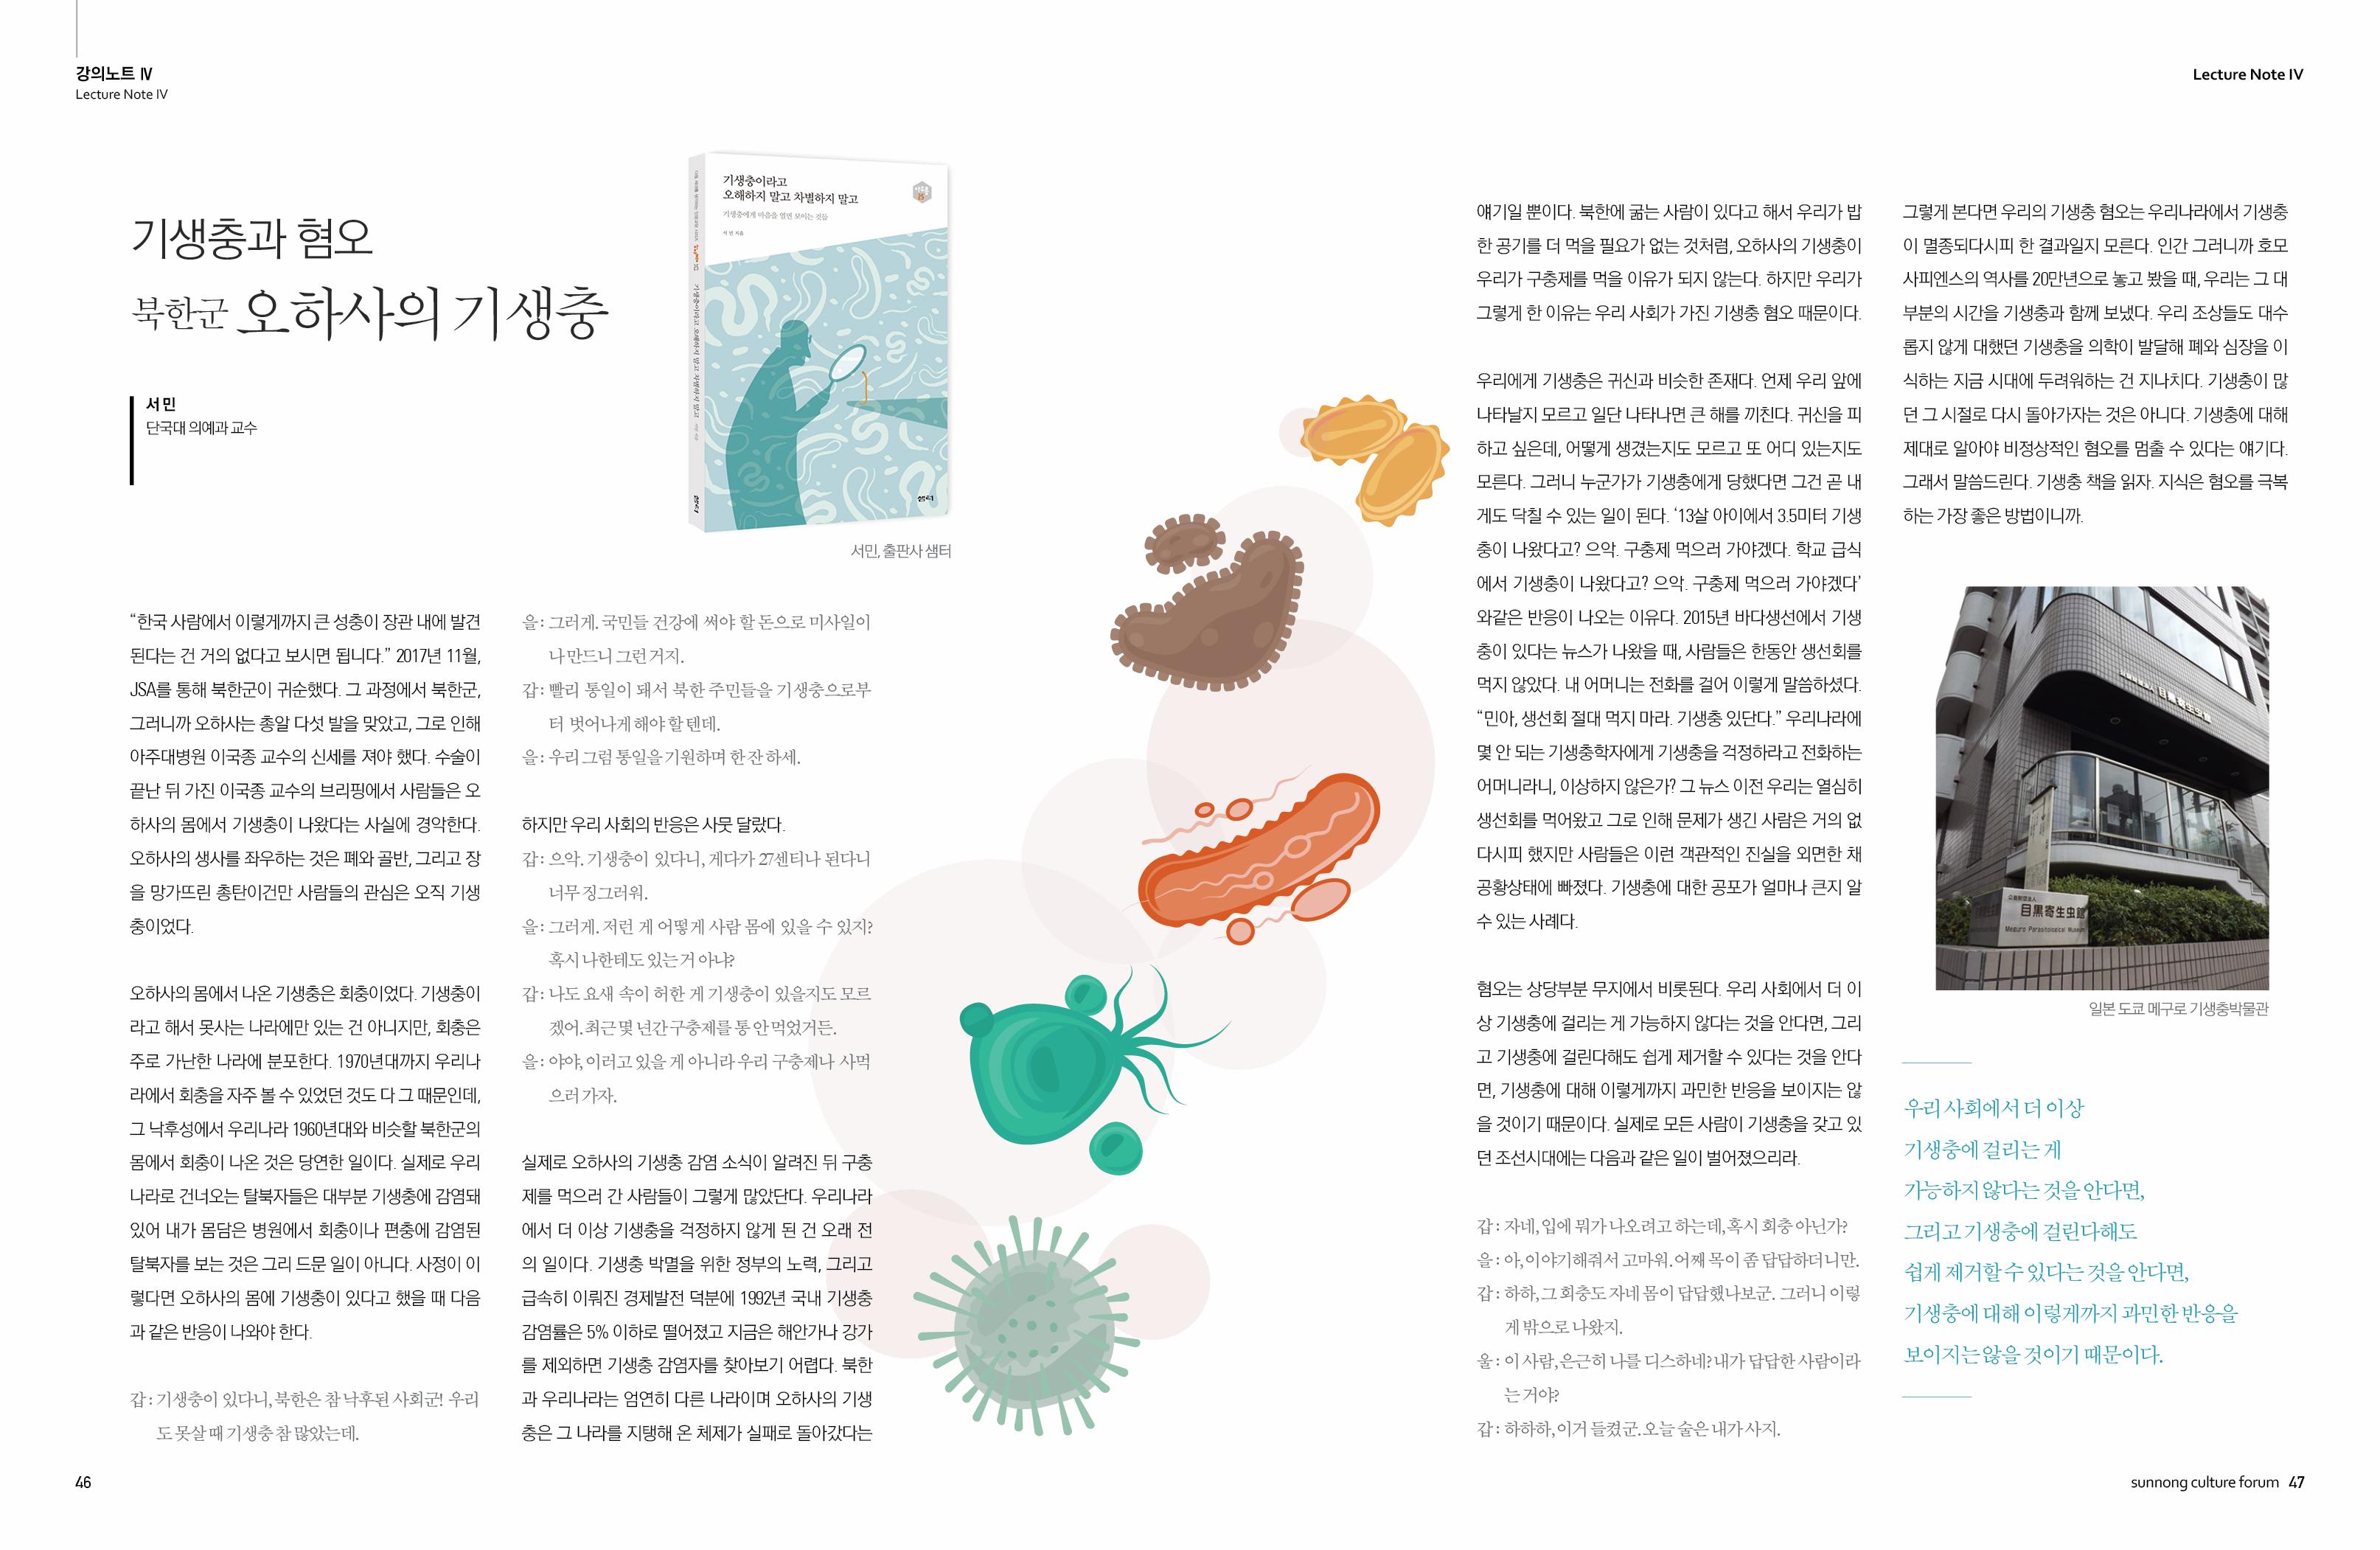 선농문화포럼_서민_강의노트.jpg